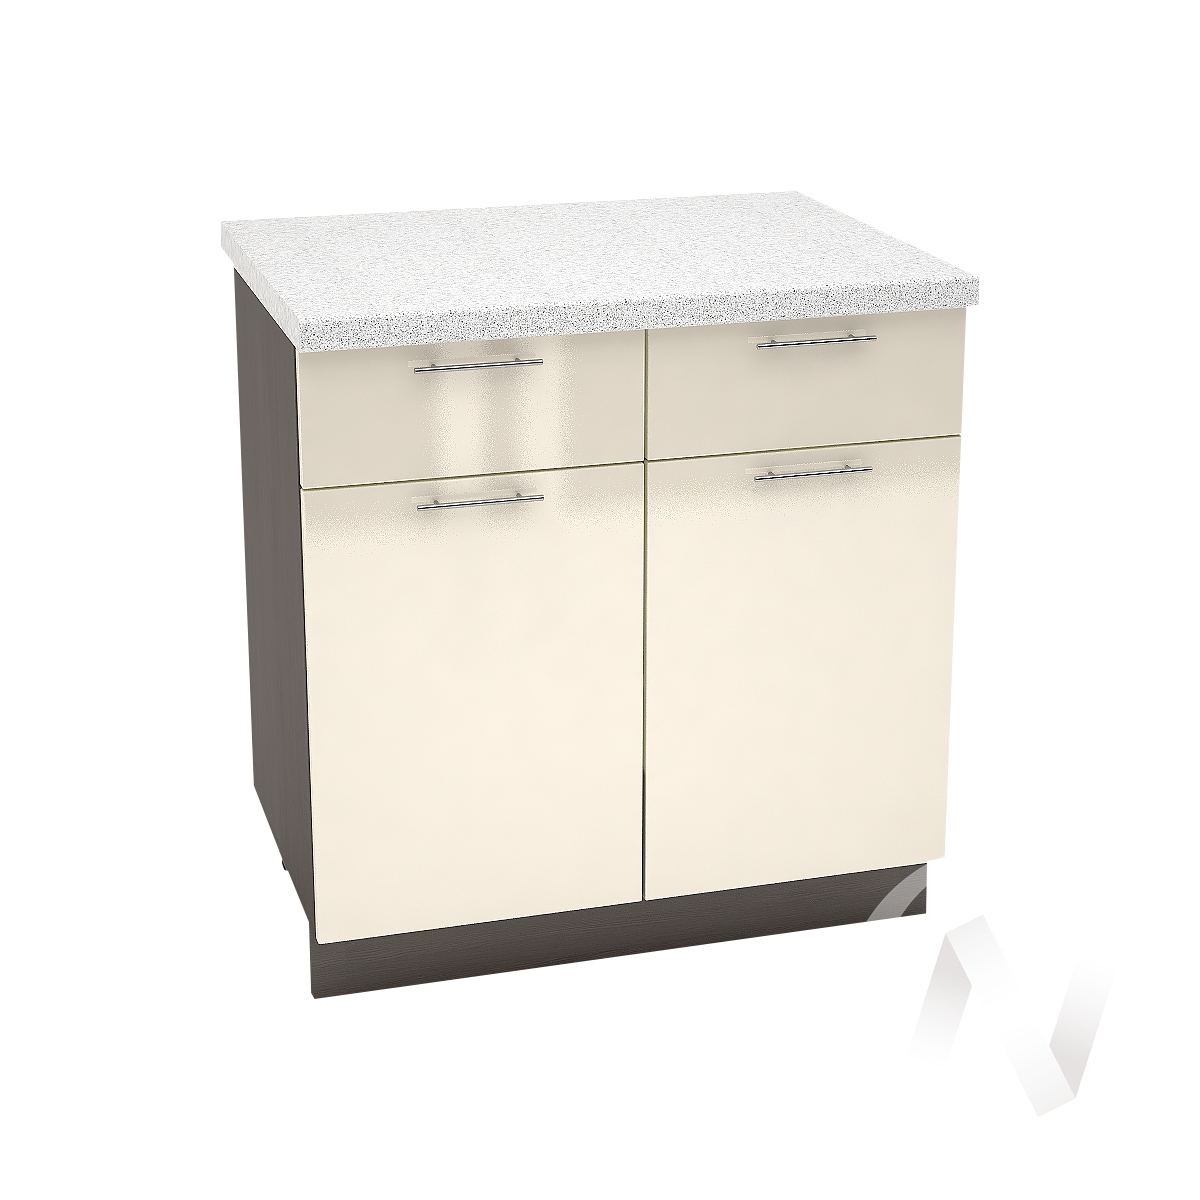 """Кухня """"Валерия-М"""": Шкаф нижний с ящиками 800, ШН1Я 800 (Ваниль глянец/корпус венге)"""